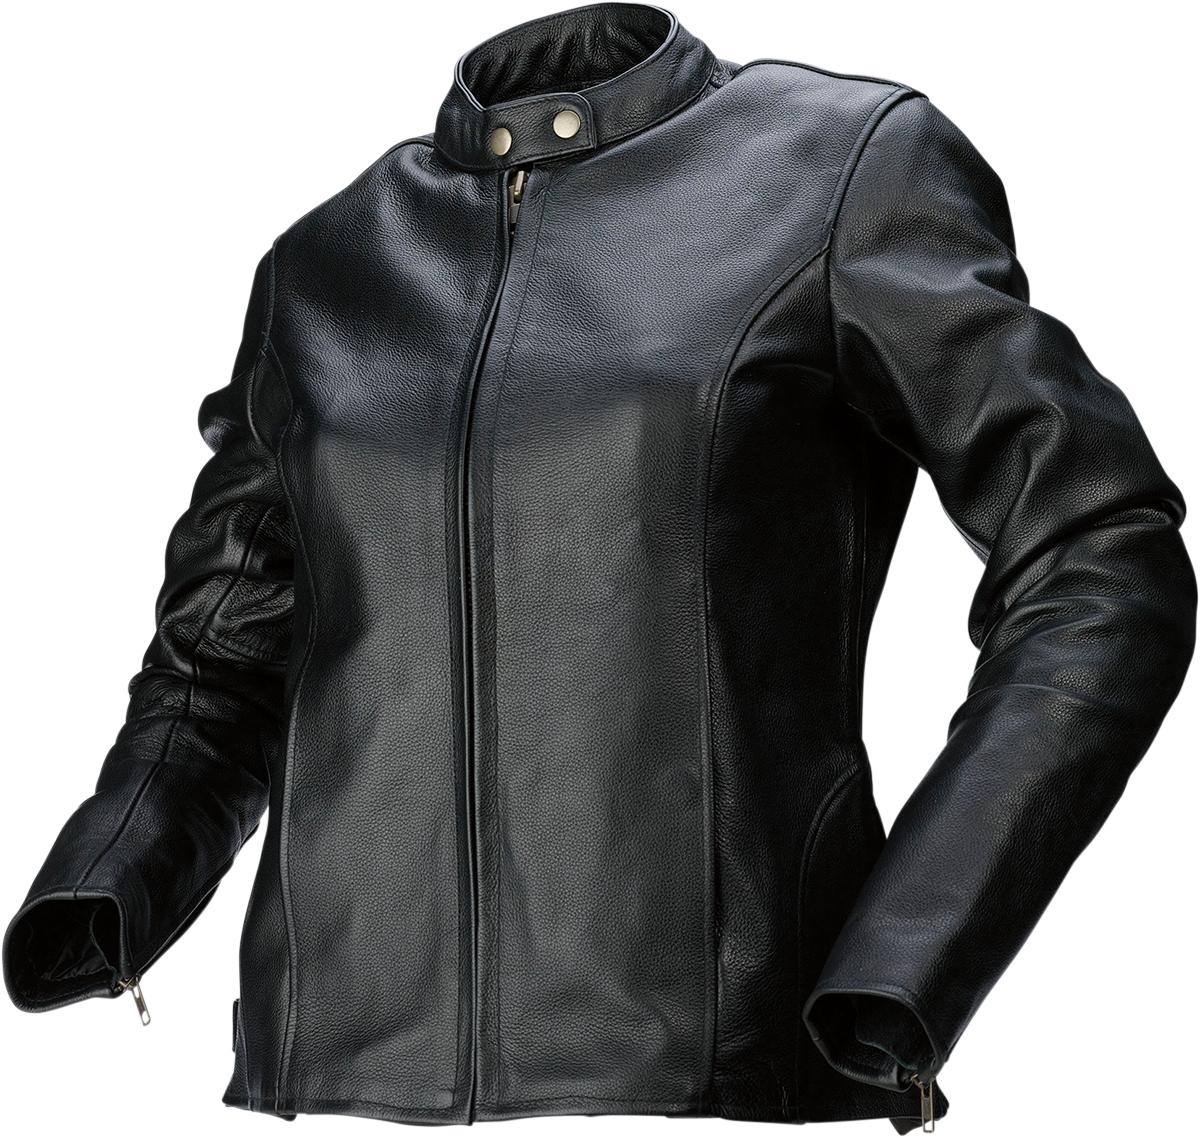 Z1R Women's 357 Leather Jacket